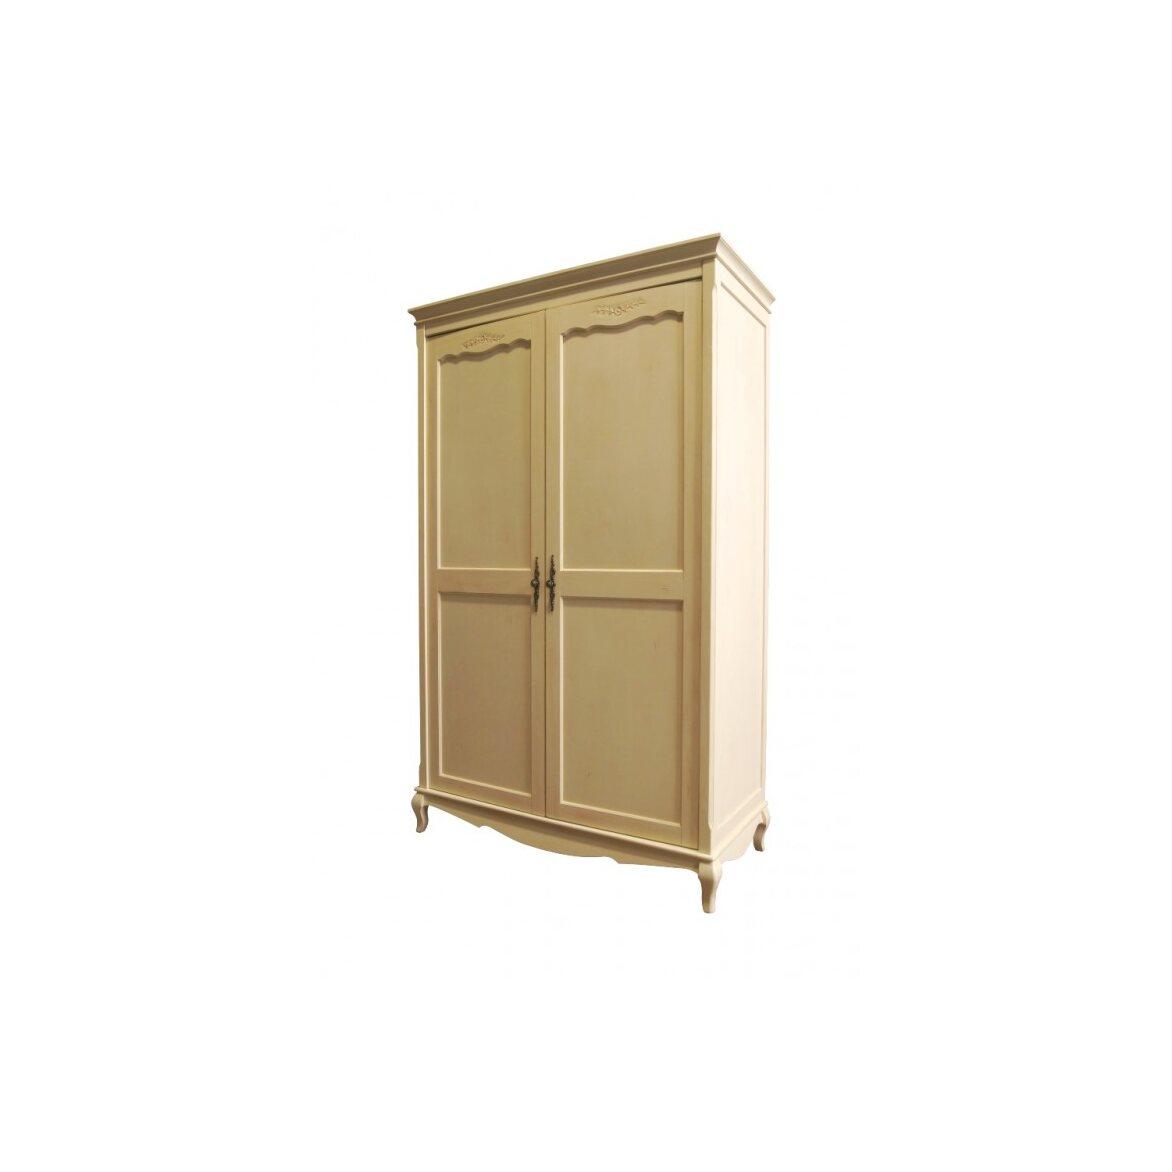 Платяной шкаф двухстворчатый Leontina, бежевого цвета 2   Платяные шкафы Kingsby